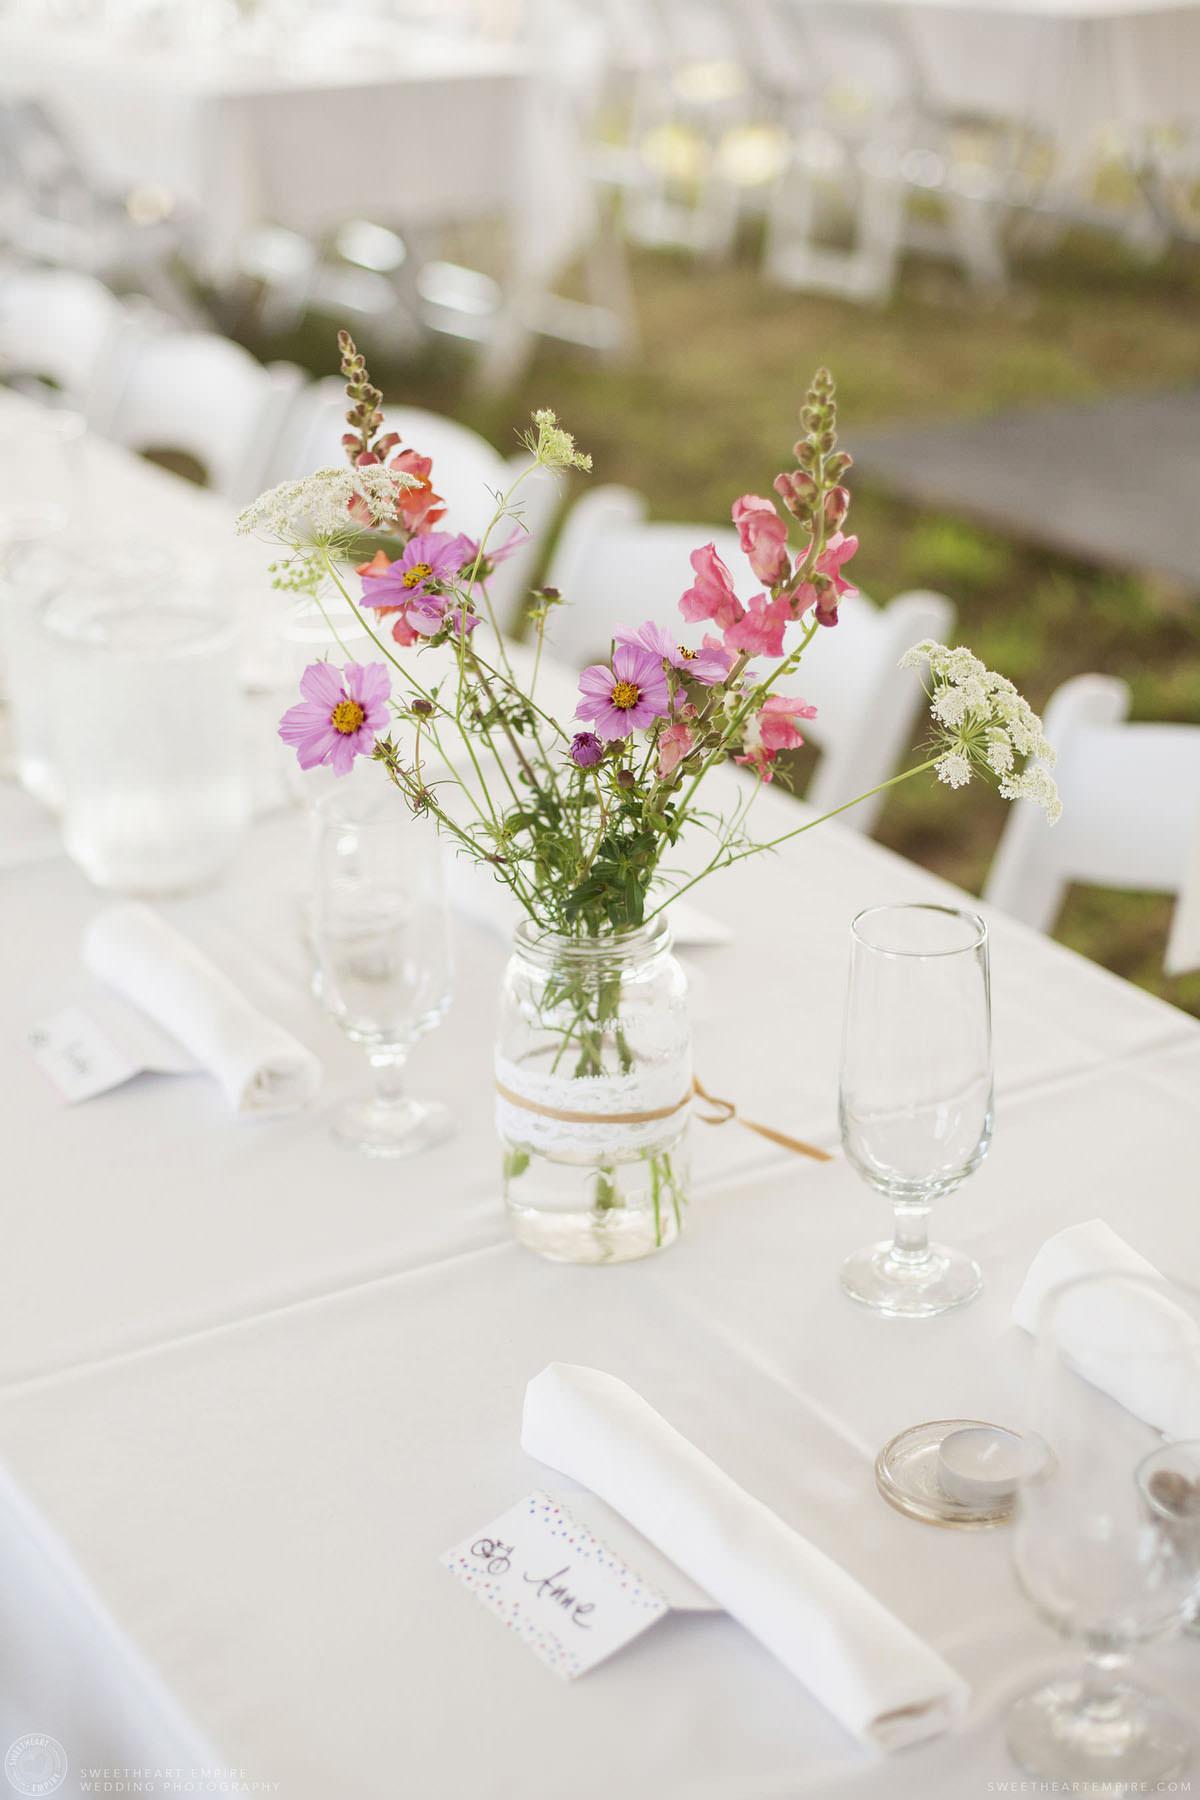 Prince-Edward-County-Wedding_56.jpg